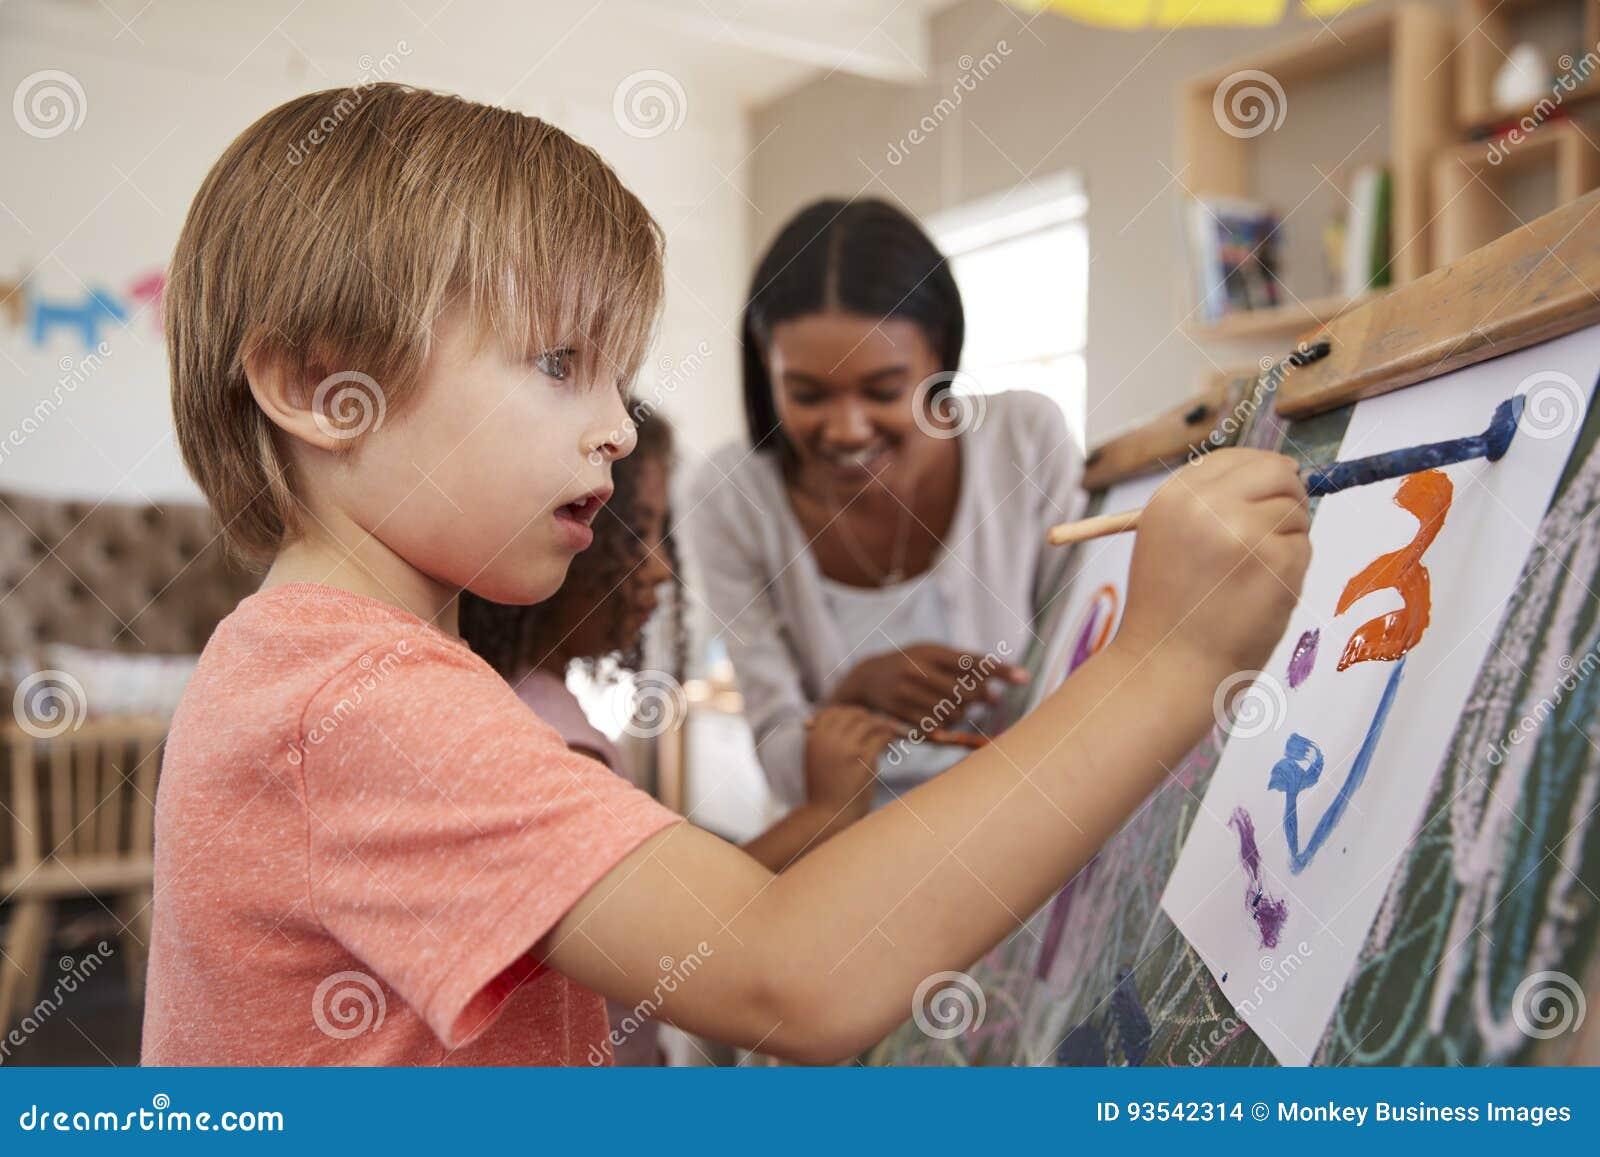 Barn för lärareAt Montessori School portion i Art Class